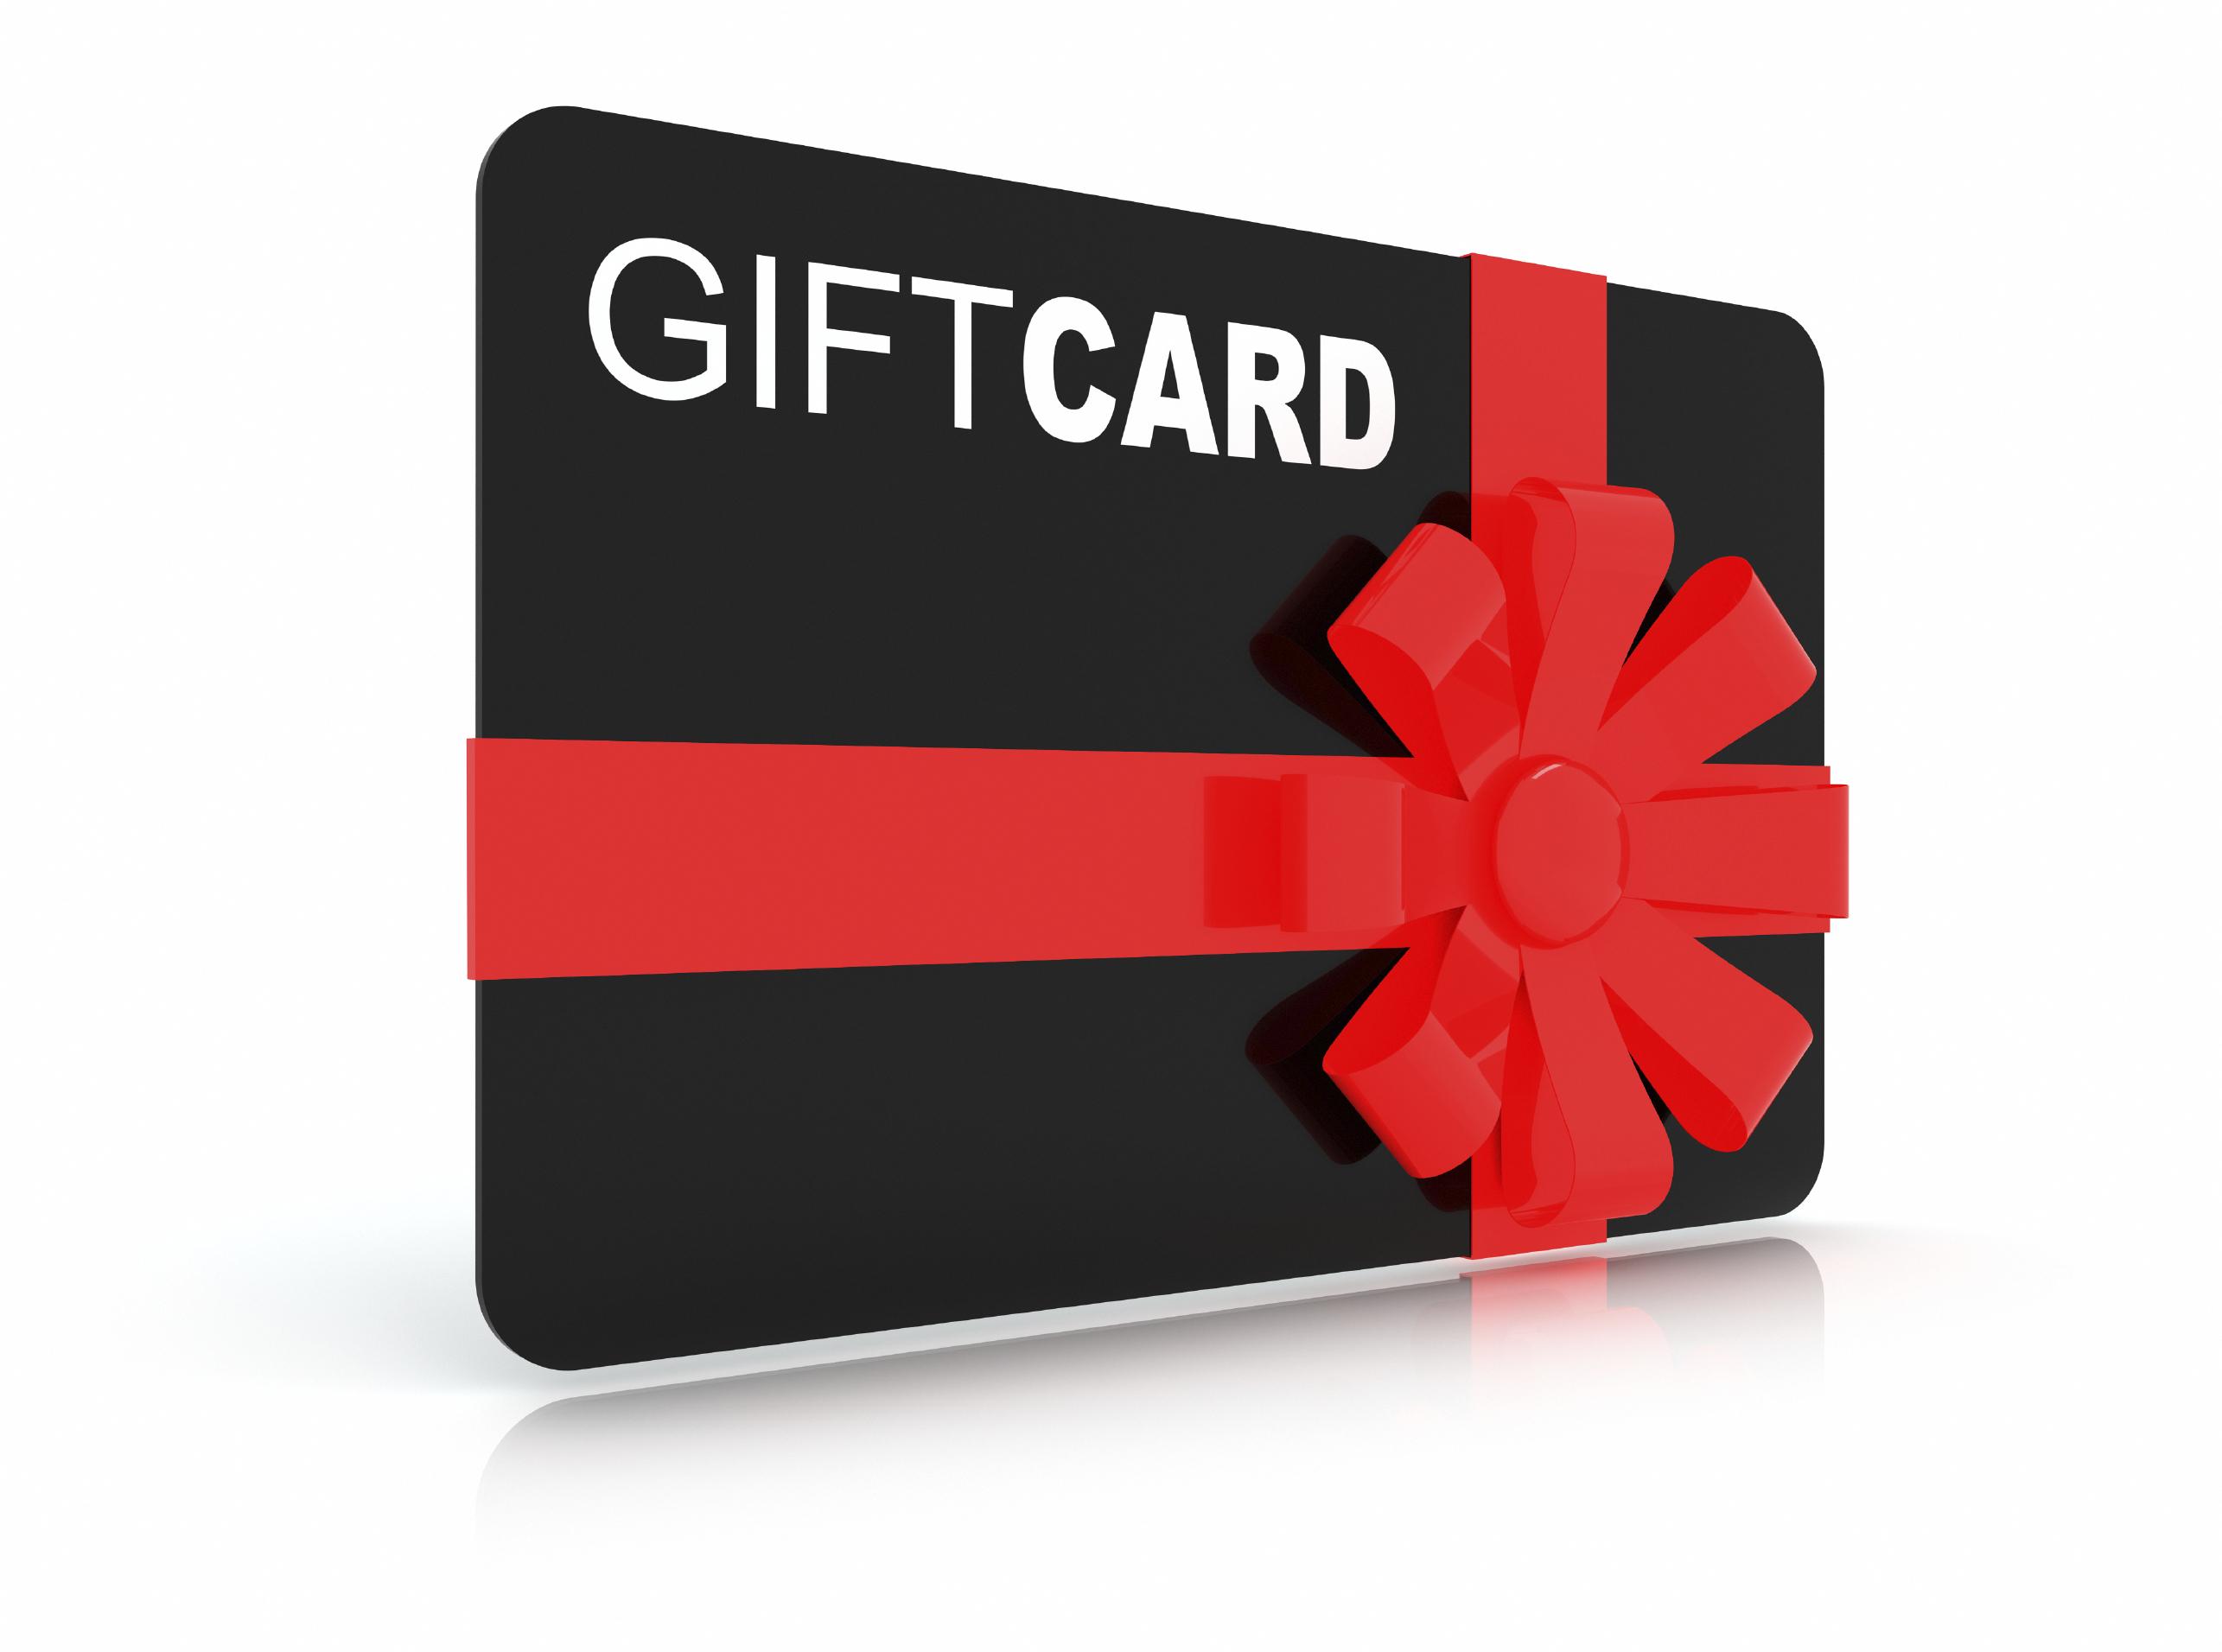 Ikebana Gift Card - $100.00